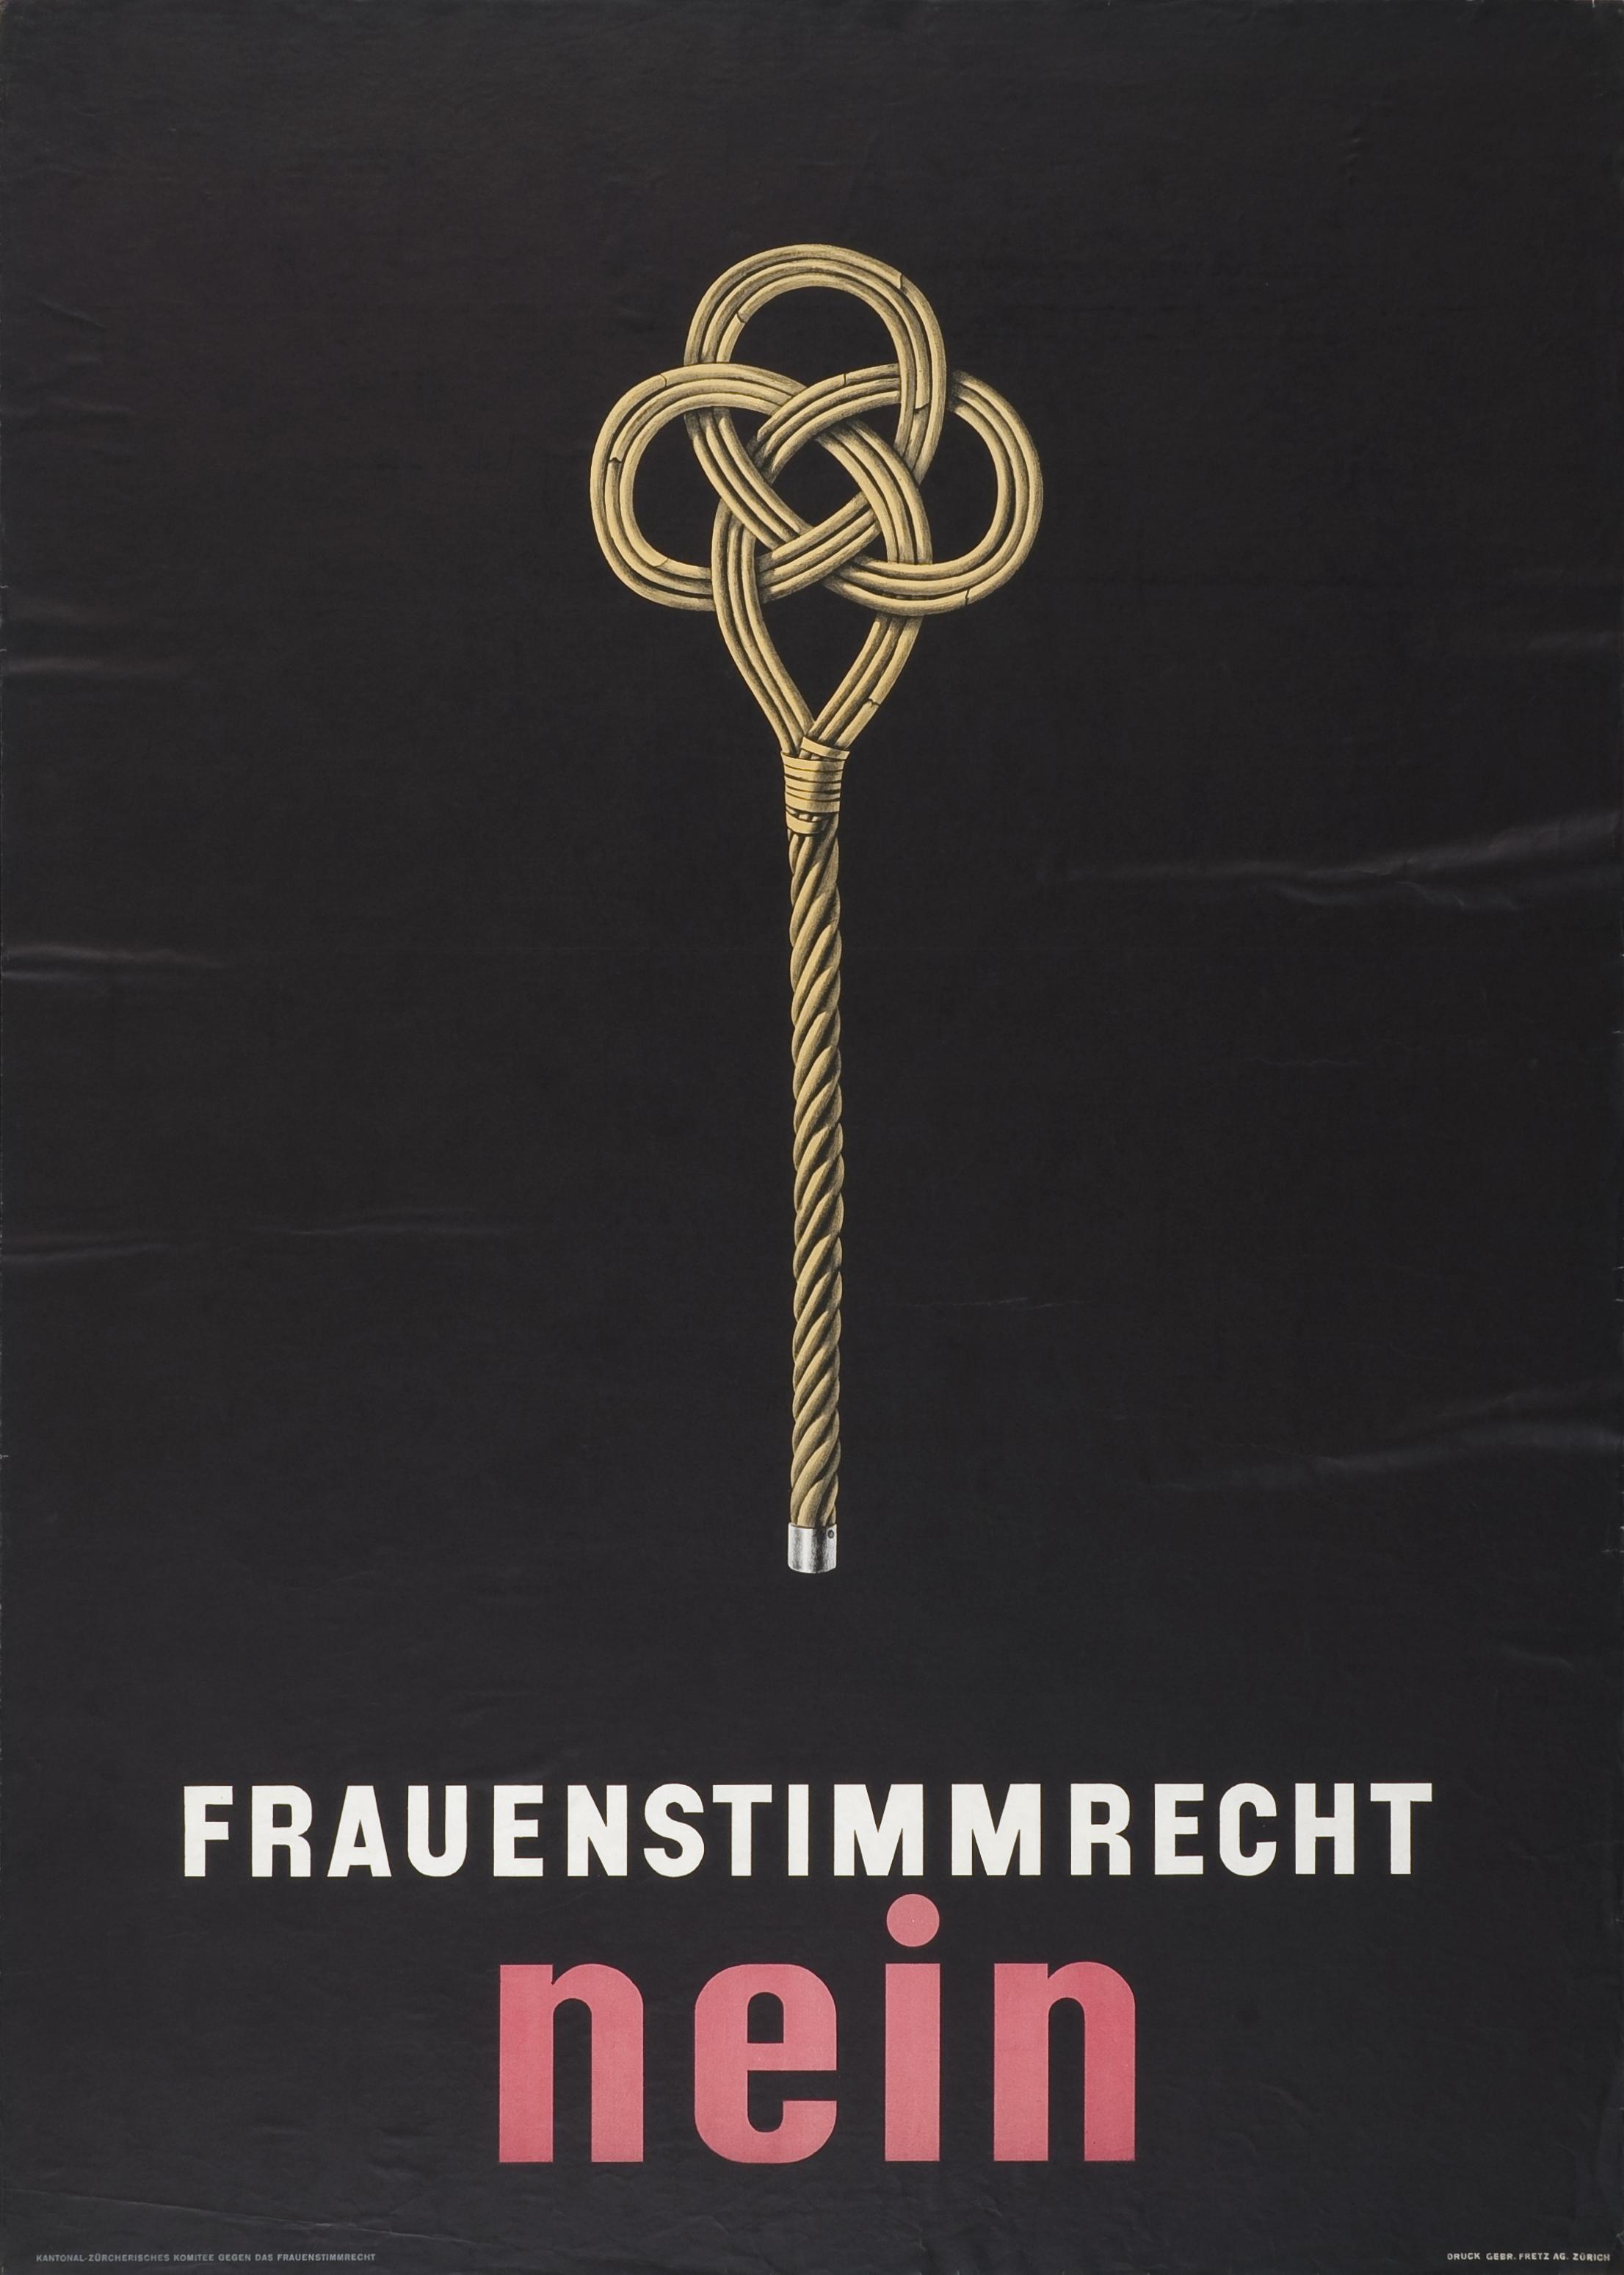 Frauenstimmrecht nein (1946)